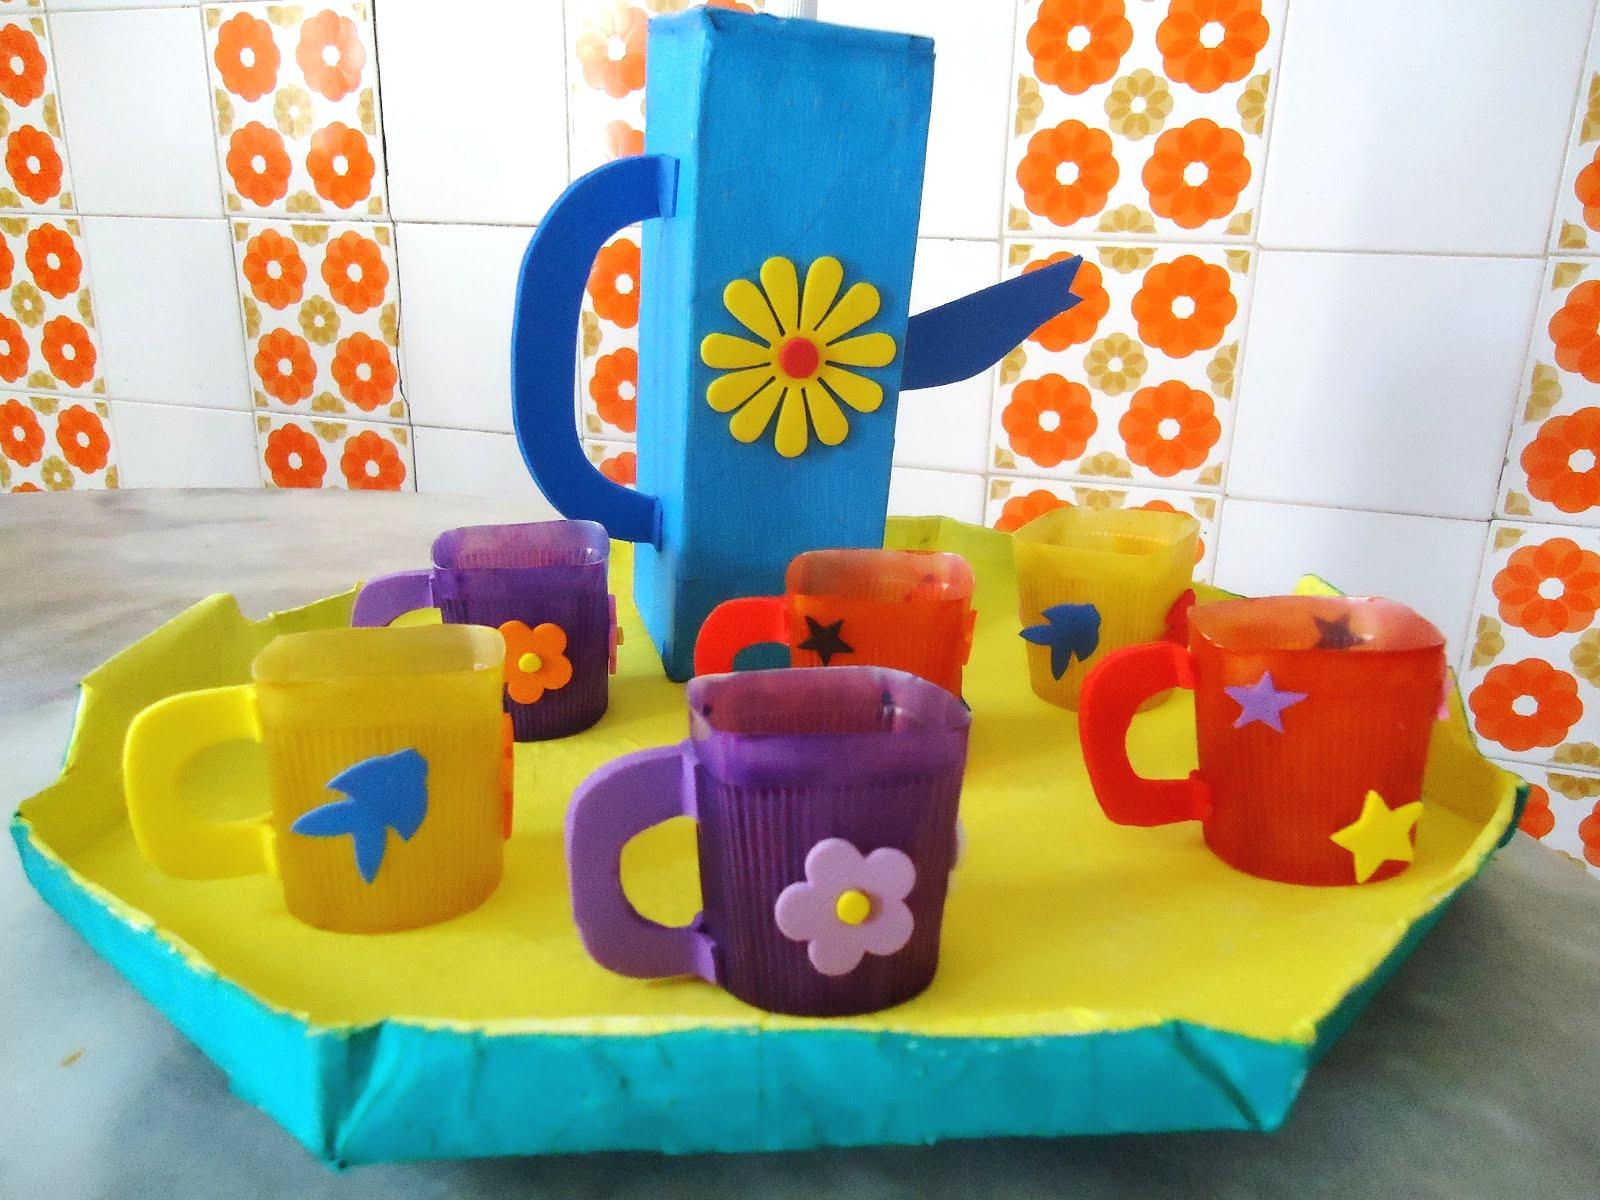 Brinquedos com material reciclado 12